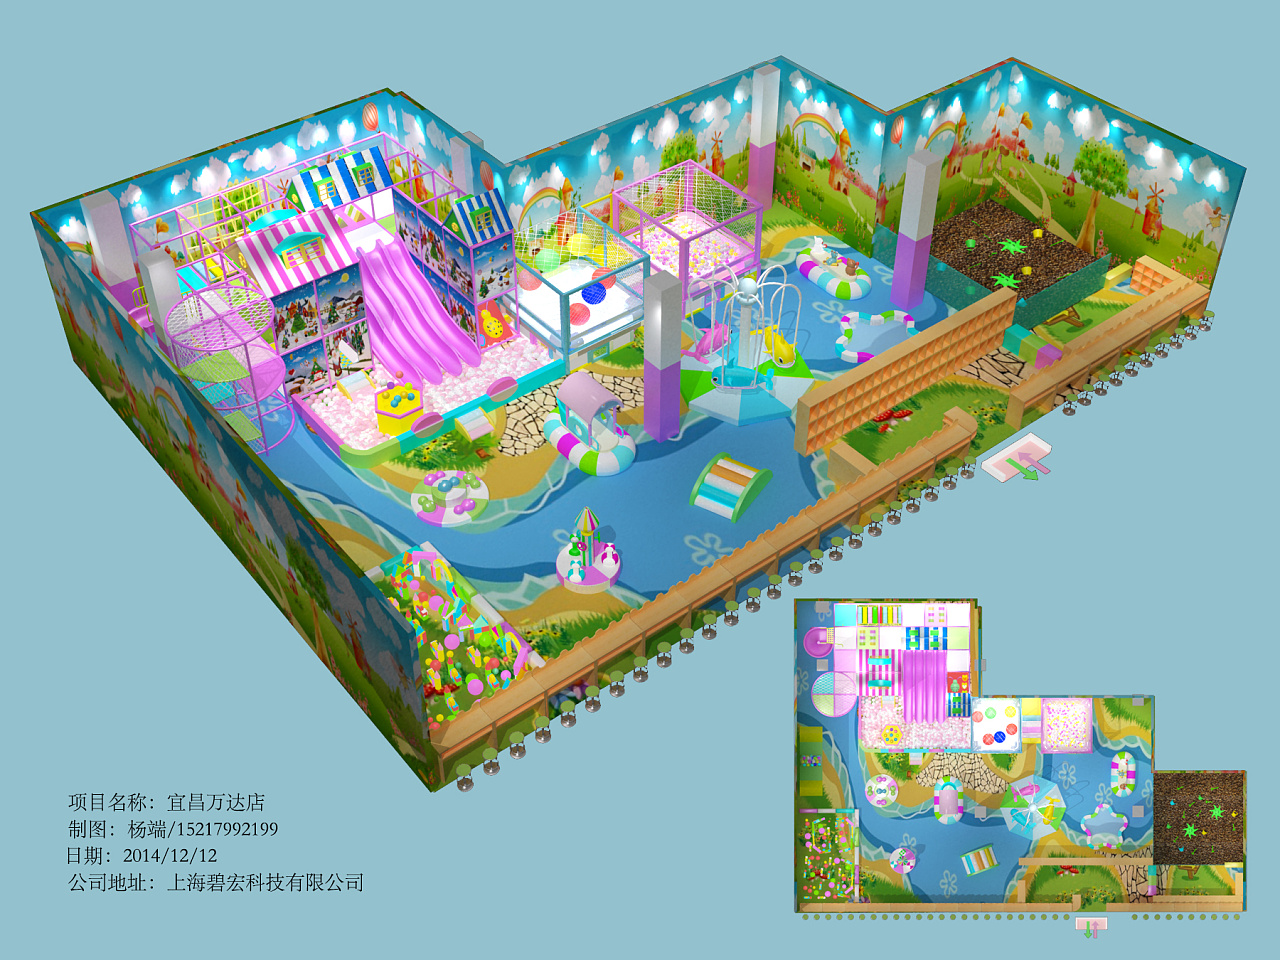 室内儿童游乐场效果图